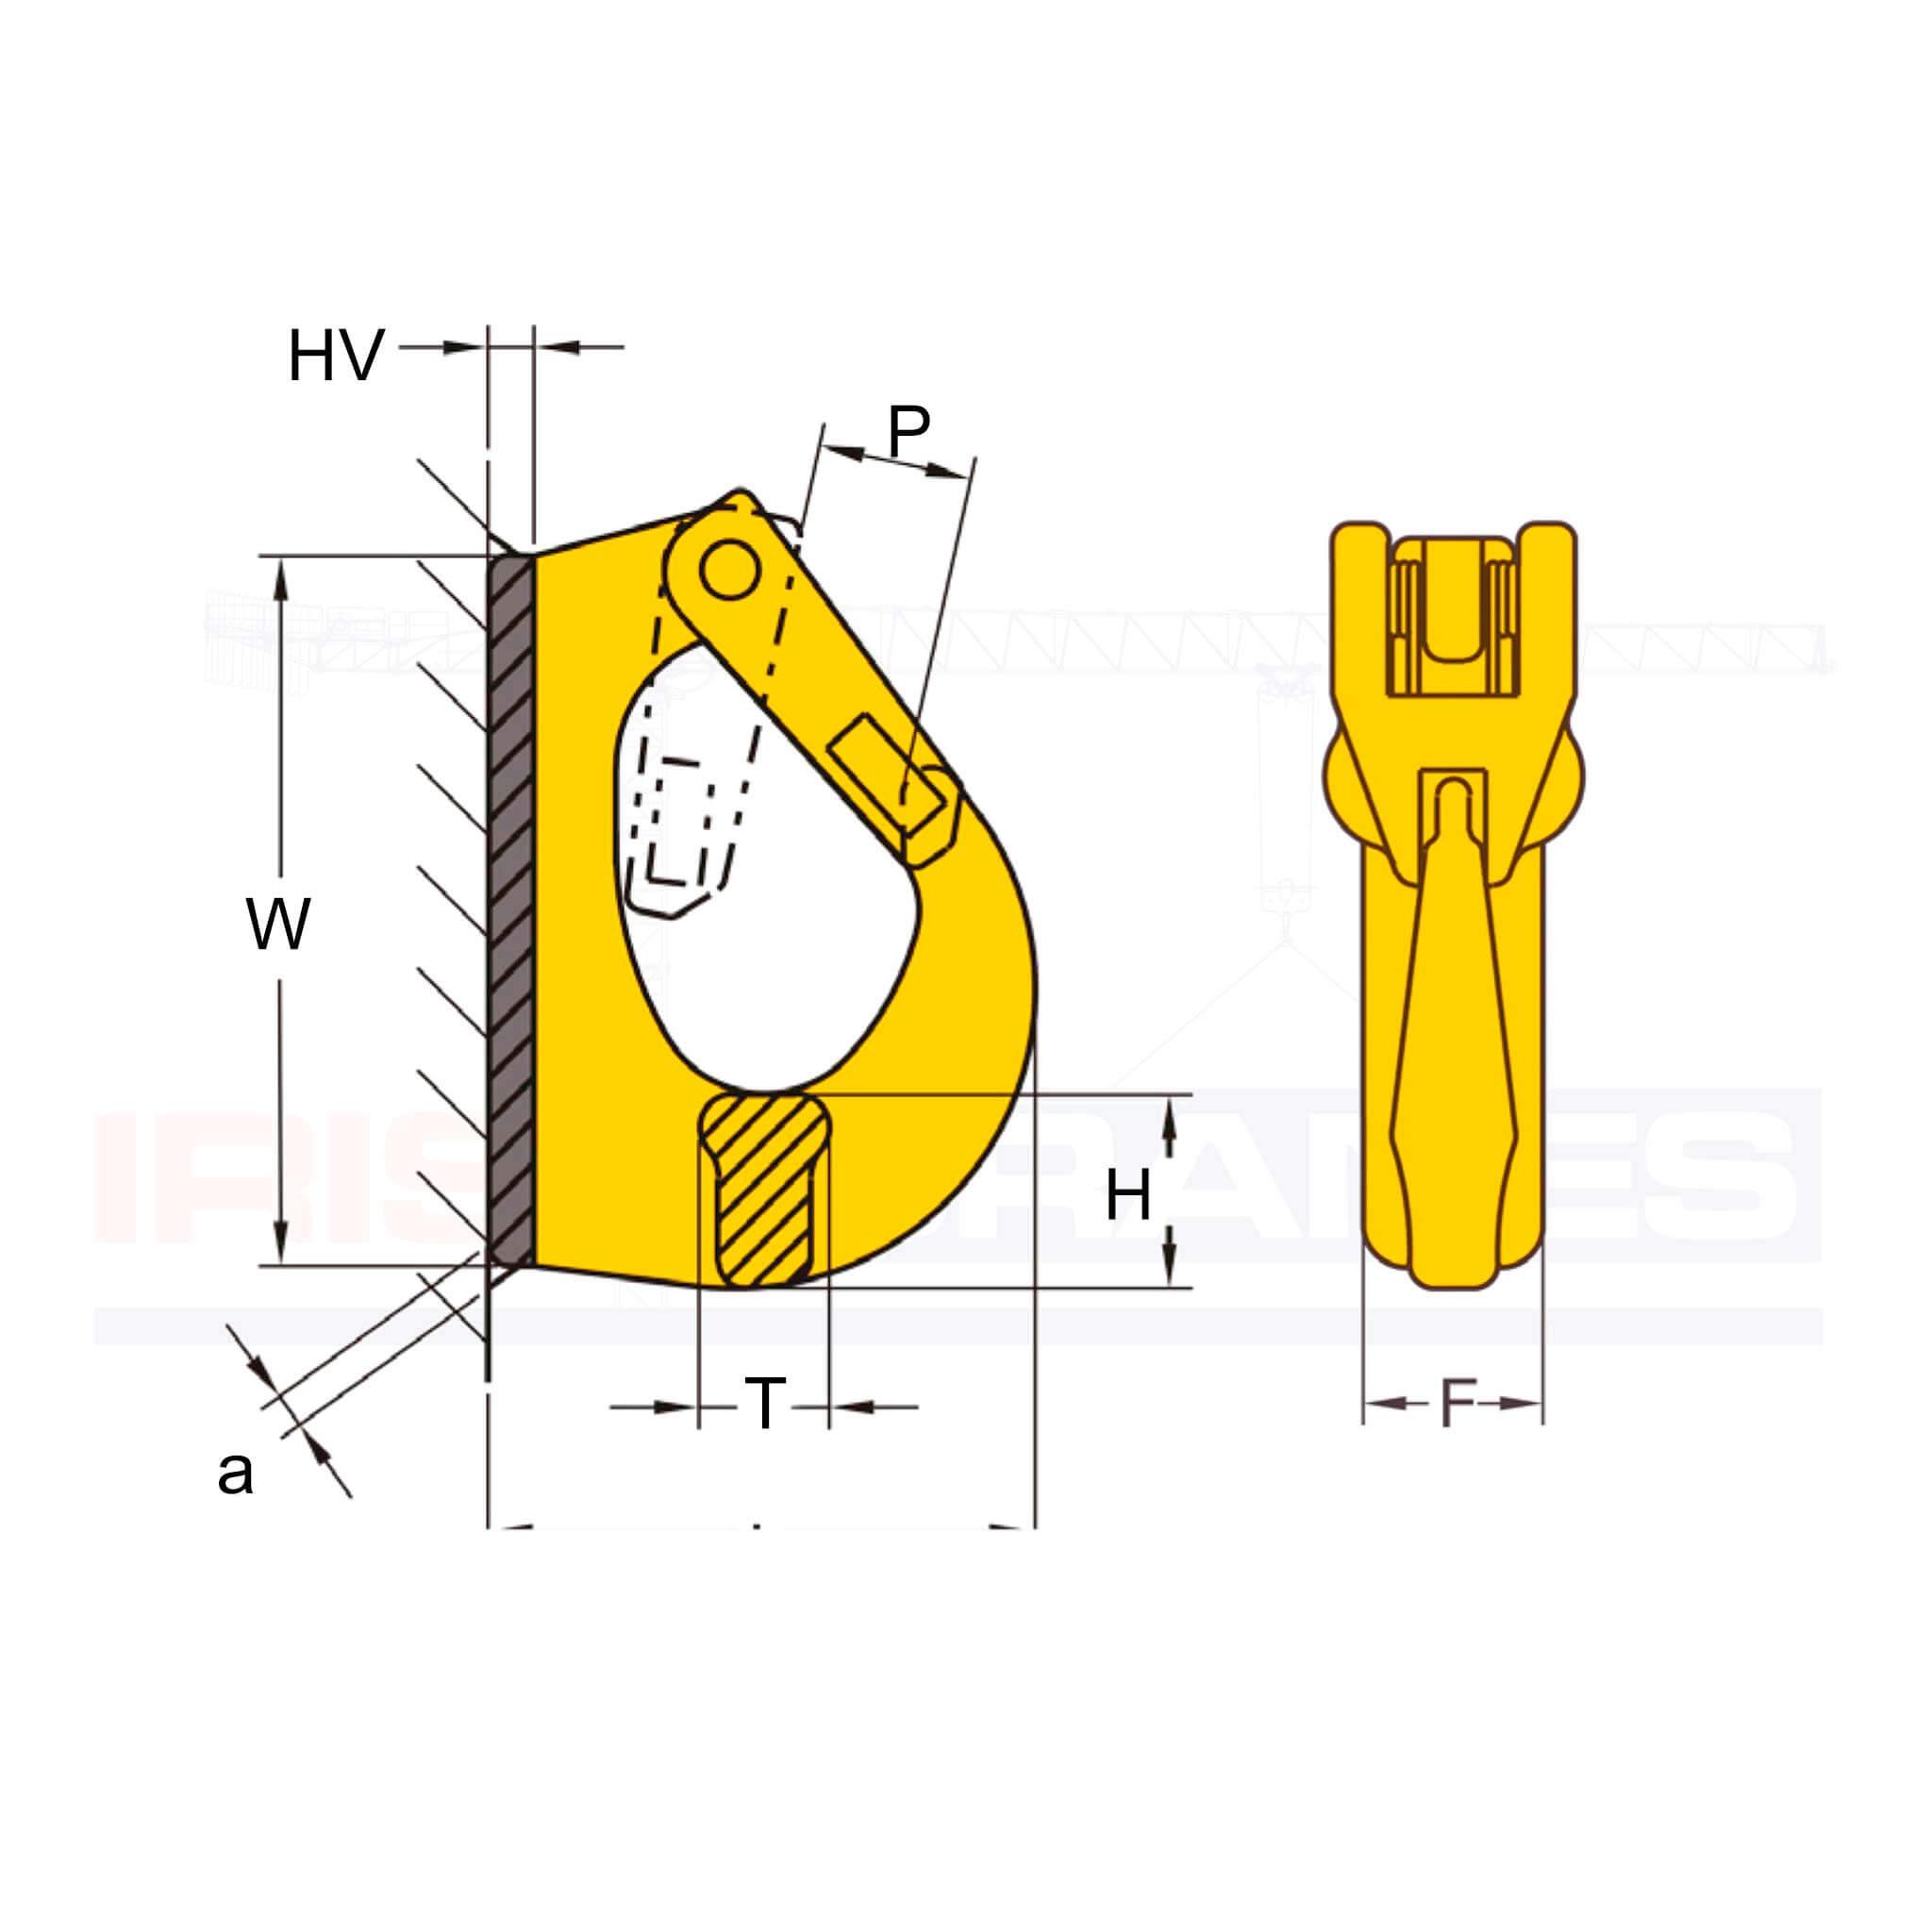 Weld on Hook diagram